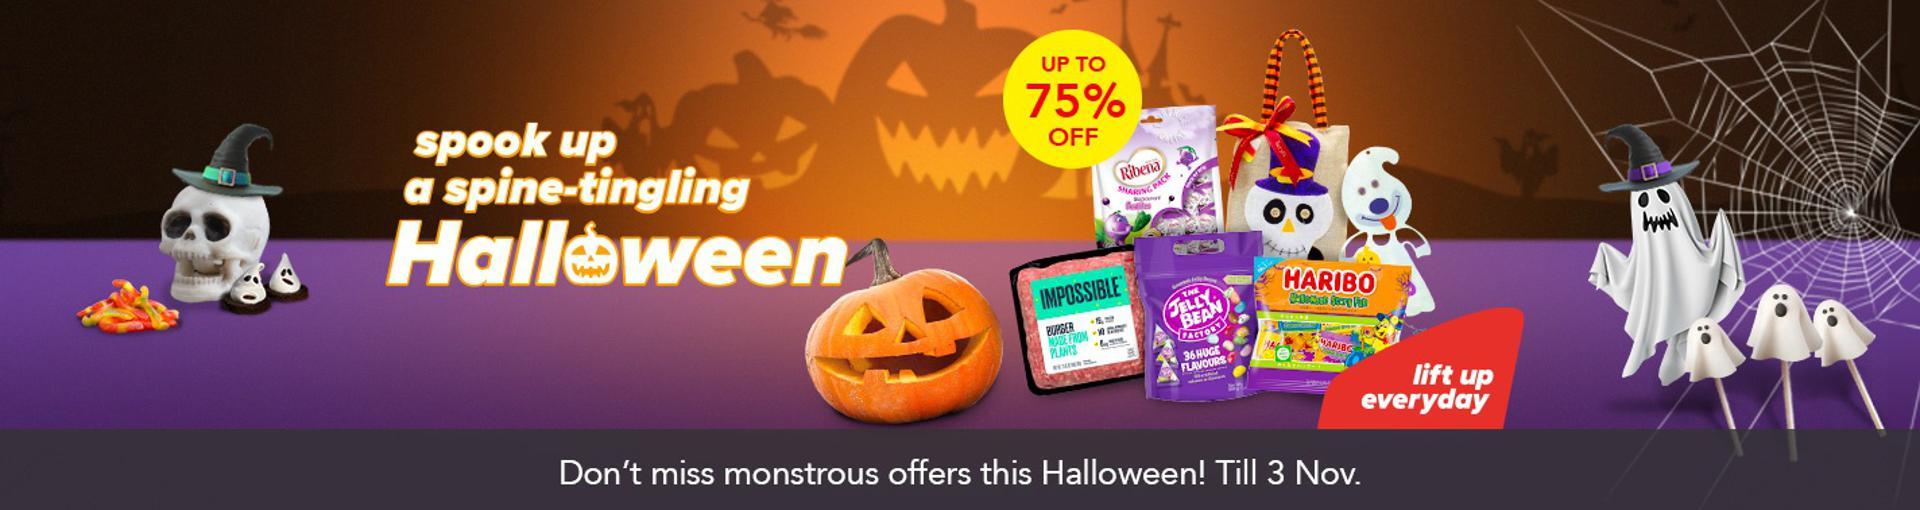 https://media.nedigital.sg/fairprice/images/6083d564-ad1d-458c-8619-118c9b7f4945/Halloween-HomeBanner-Oct2021.jpg